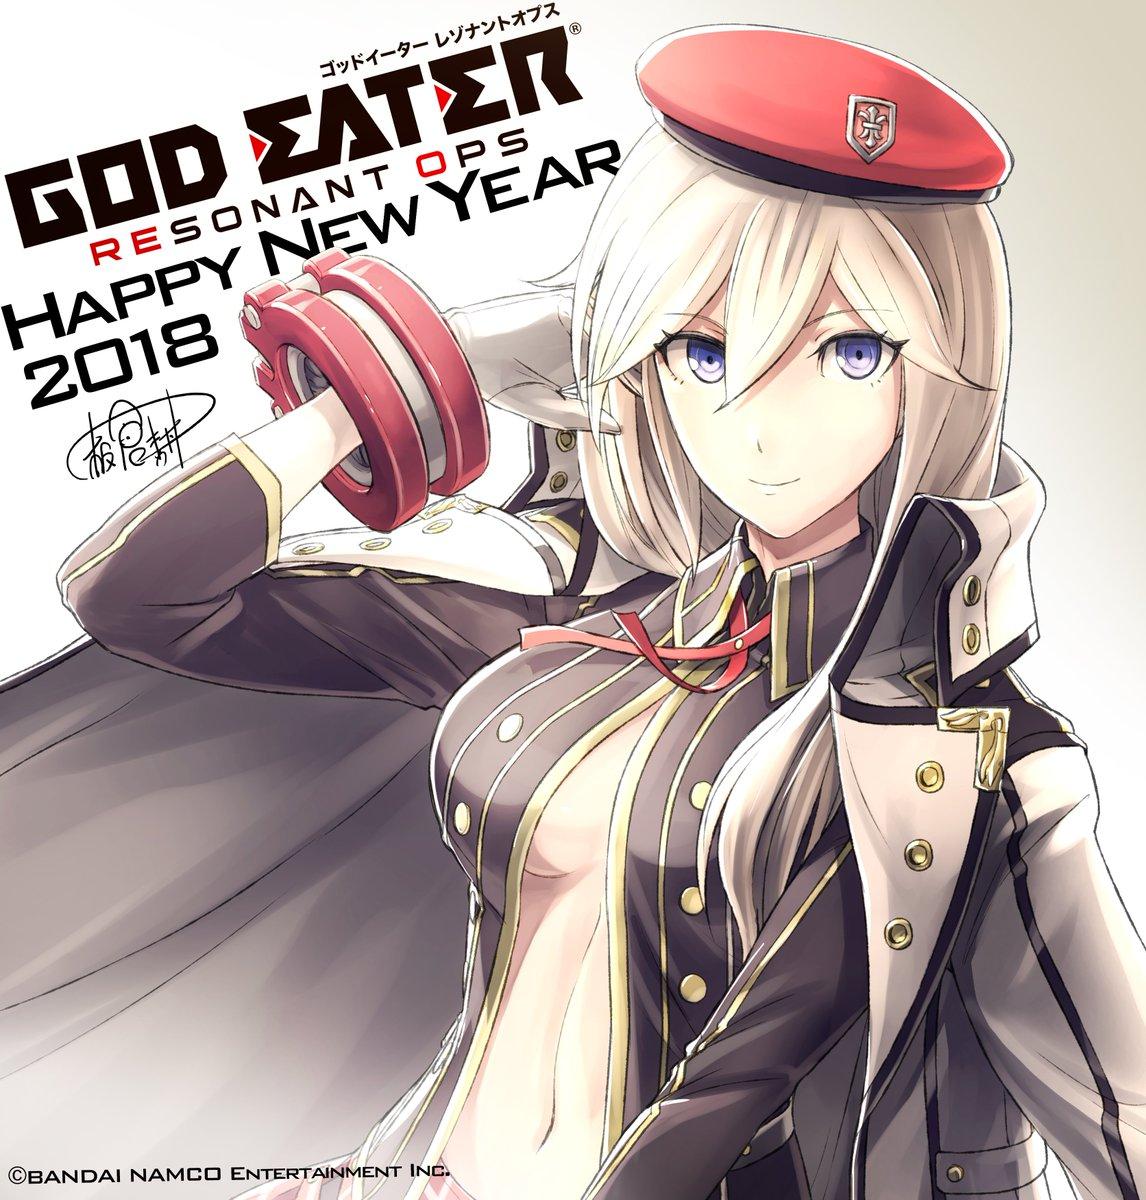 ゴッドイーター シリーズ公式アカウント On Twitter Happy New Year